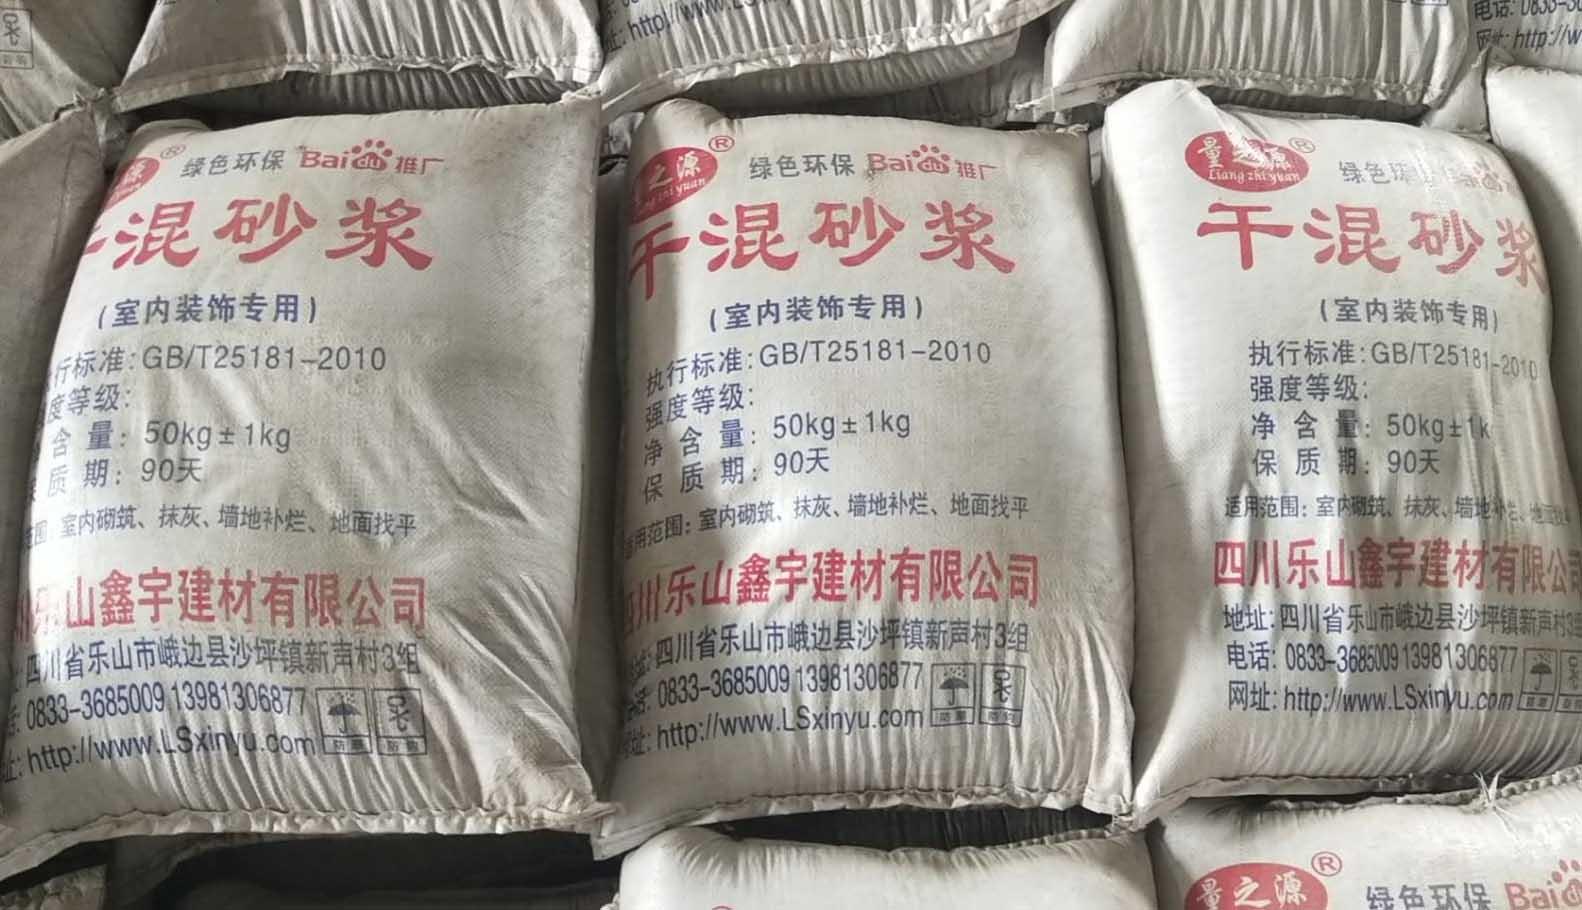 四川抗裂砂浆的基本信息介绍,一起来了解一下